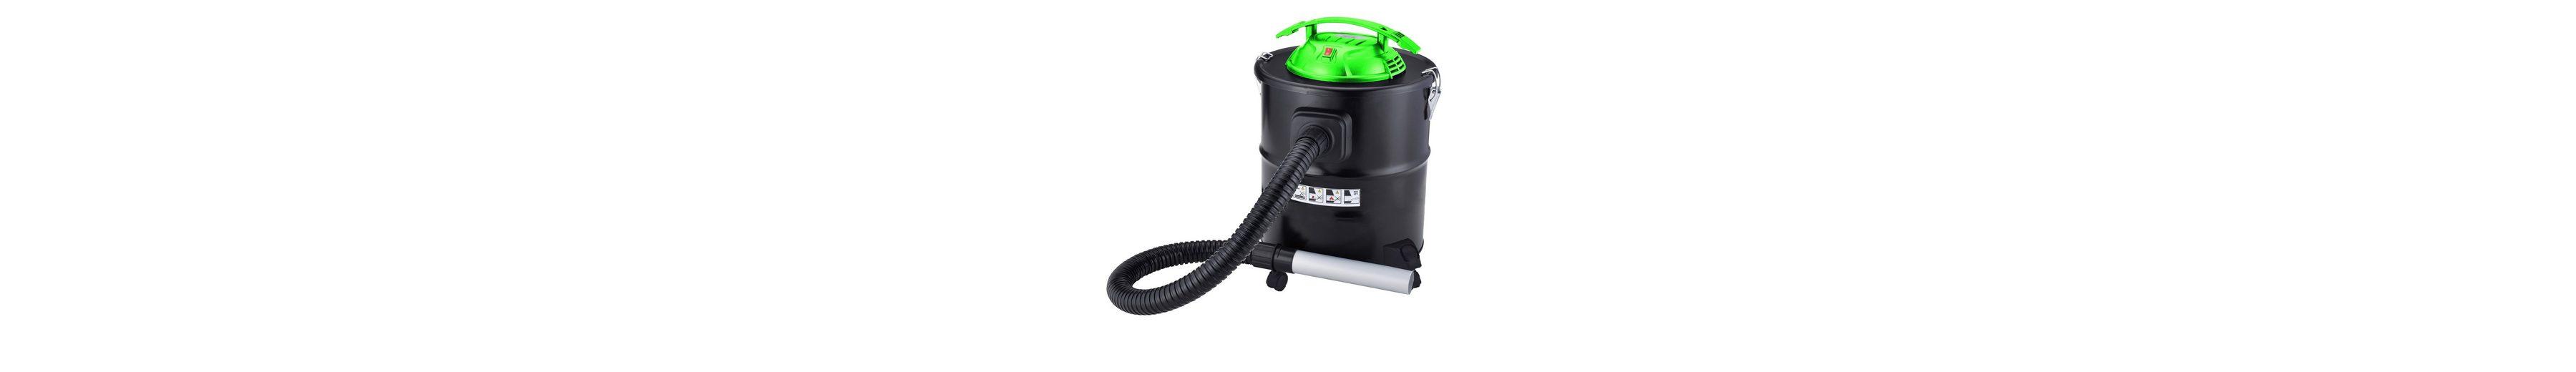 Aschesauger »800 Watt«, 15 Liter, für Kaminöfen, Grills und Küchenöfen